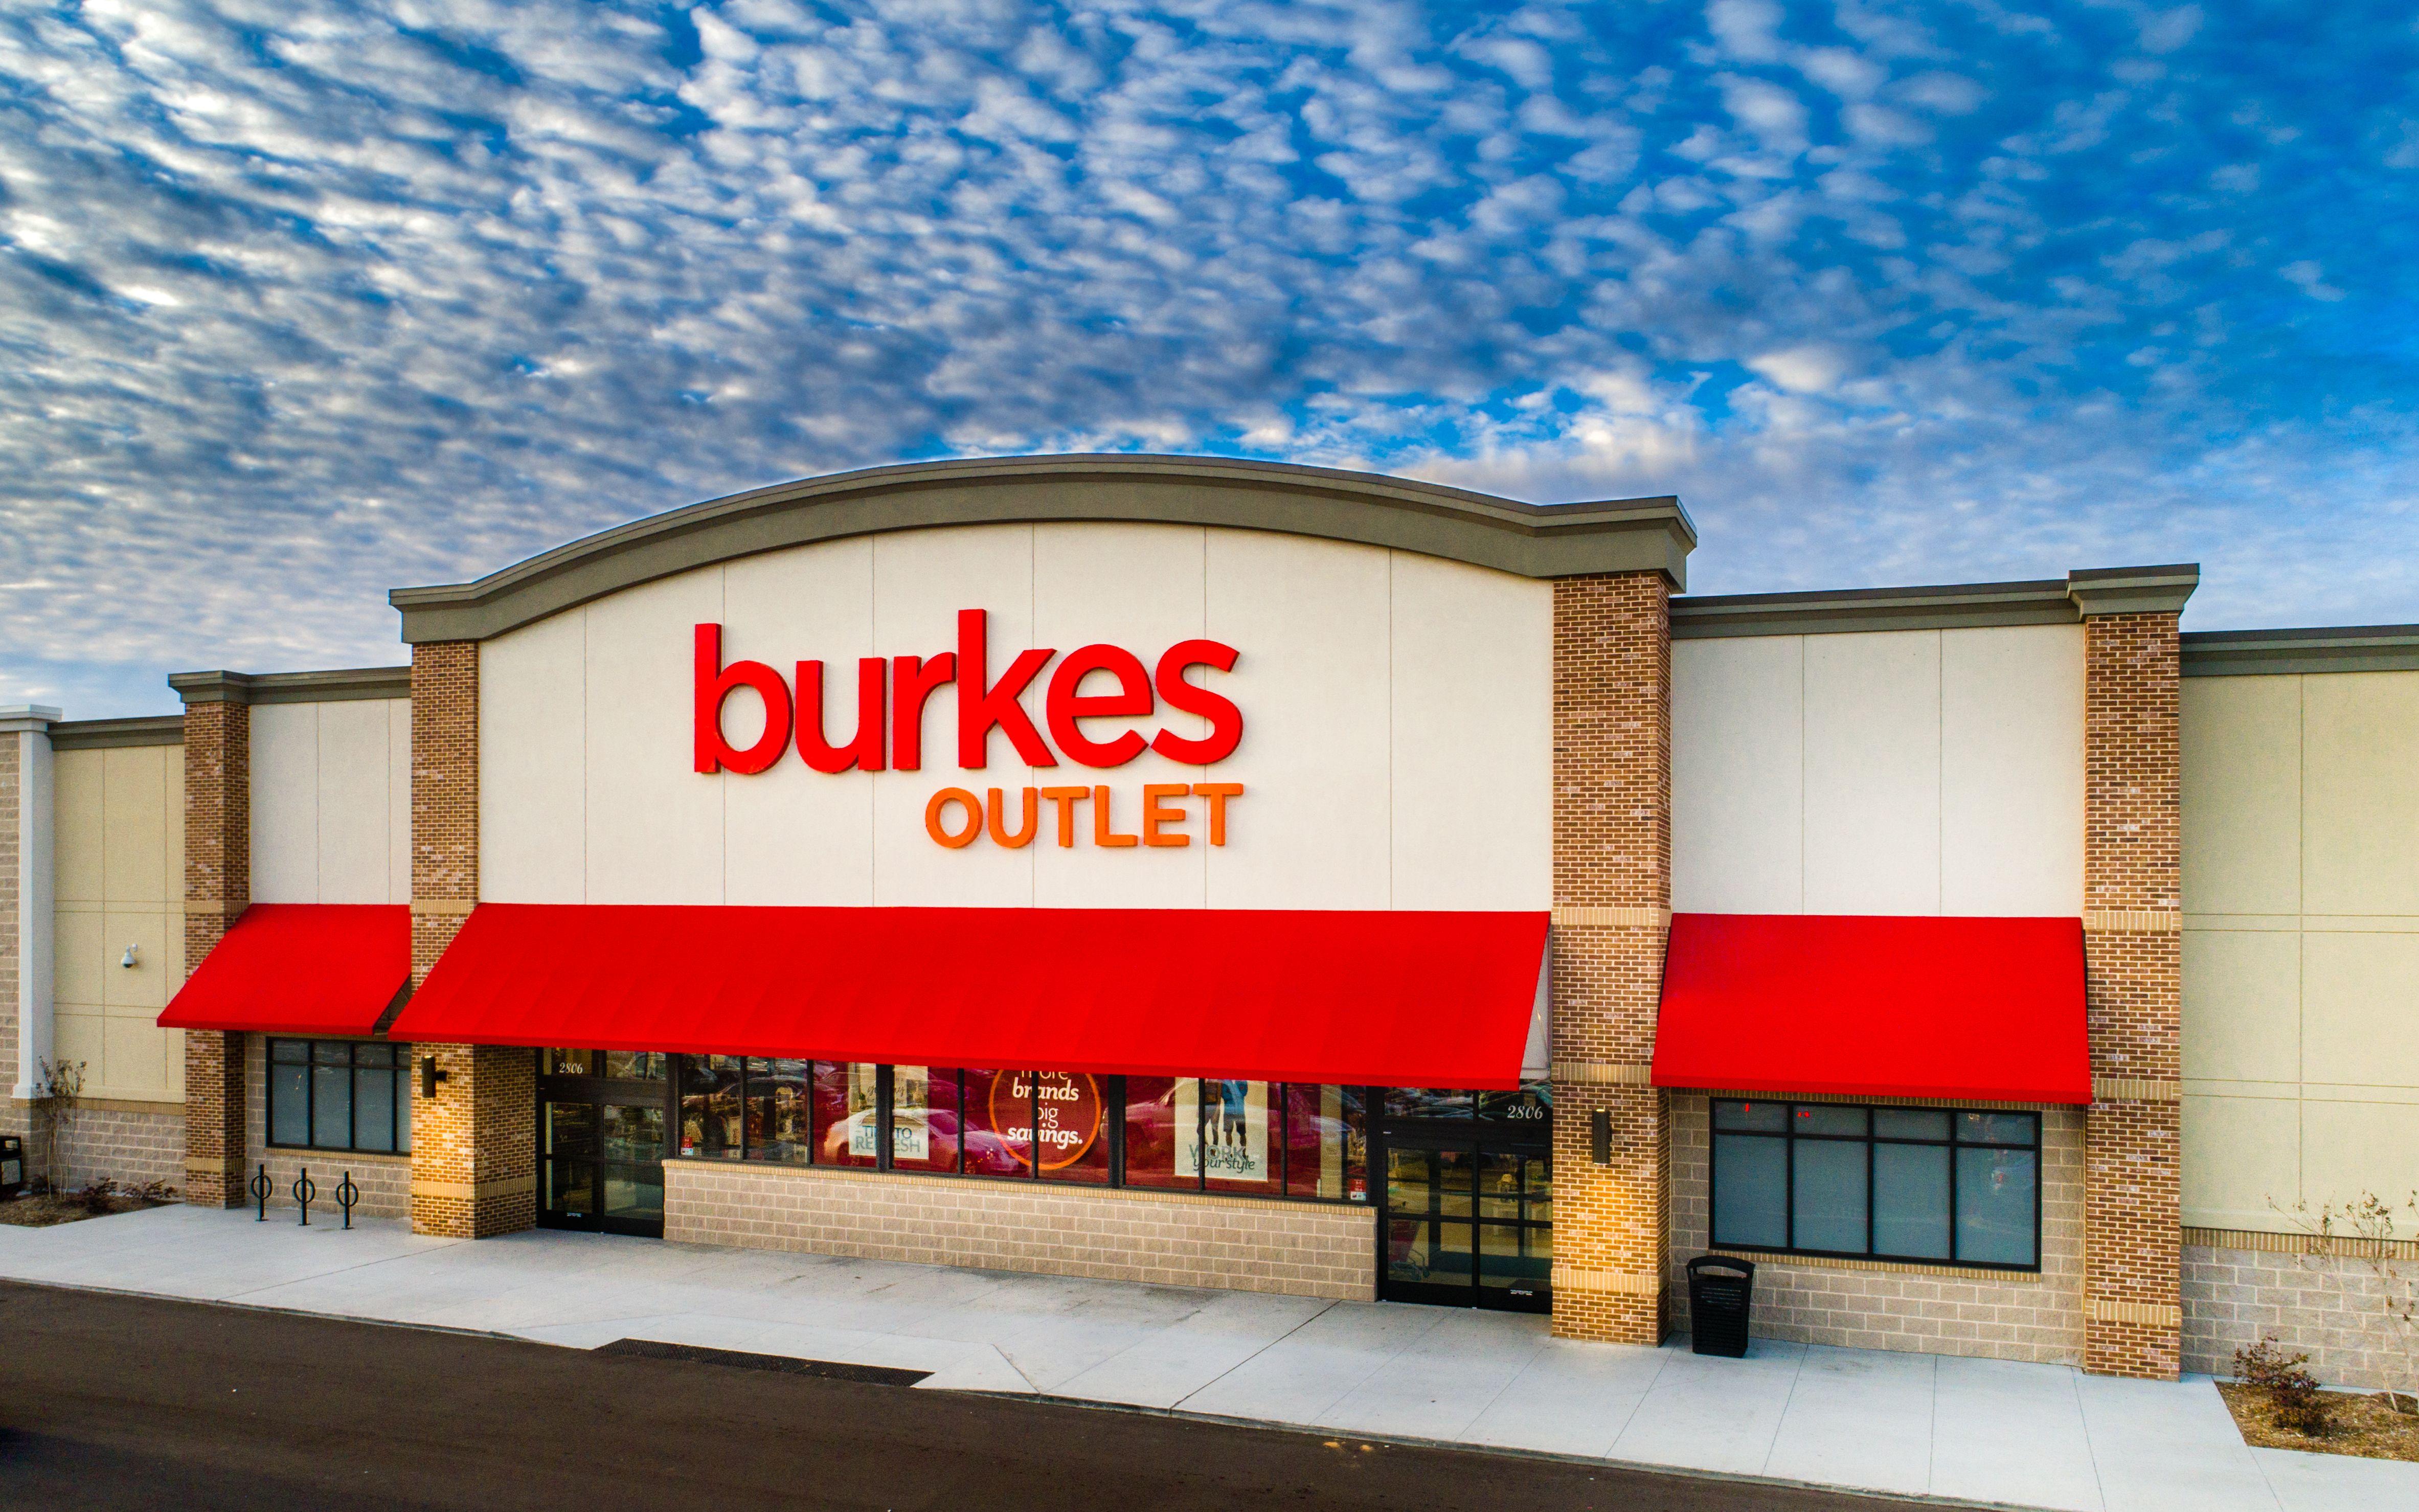 Cor3 design became a preferred architect for burkes